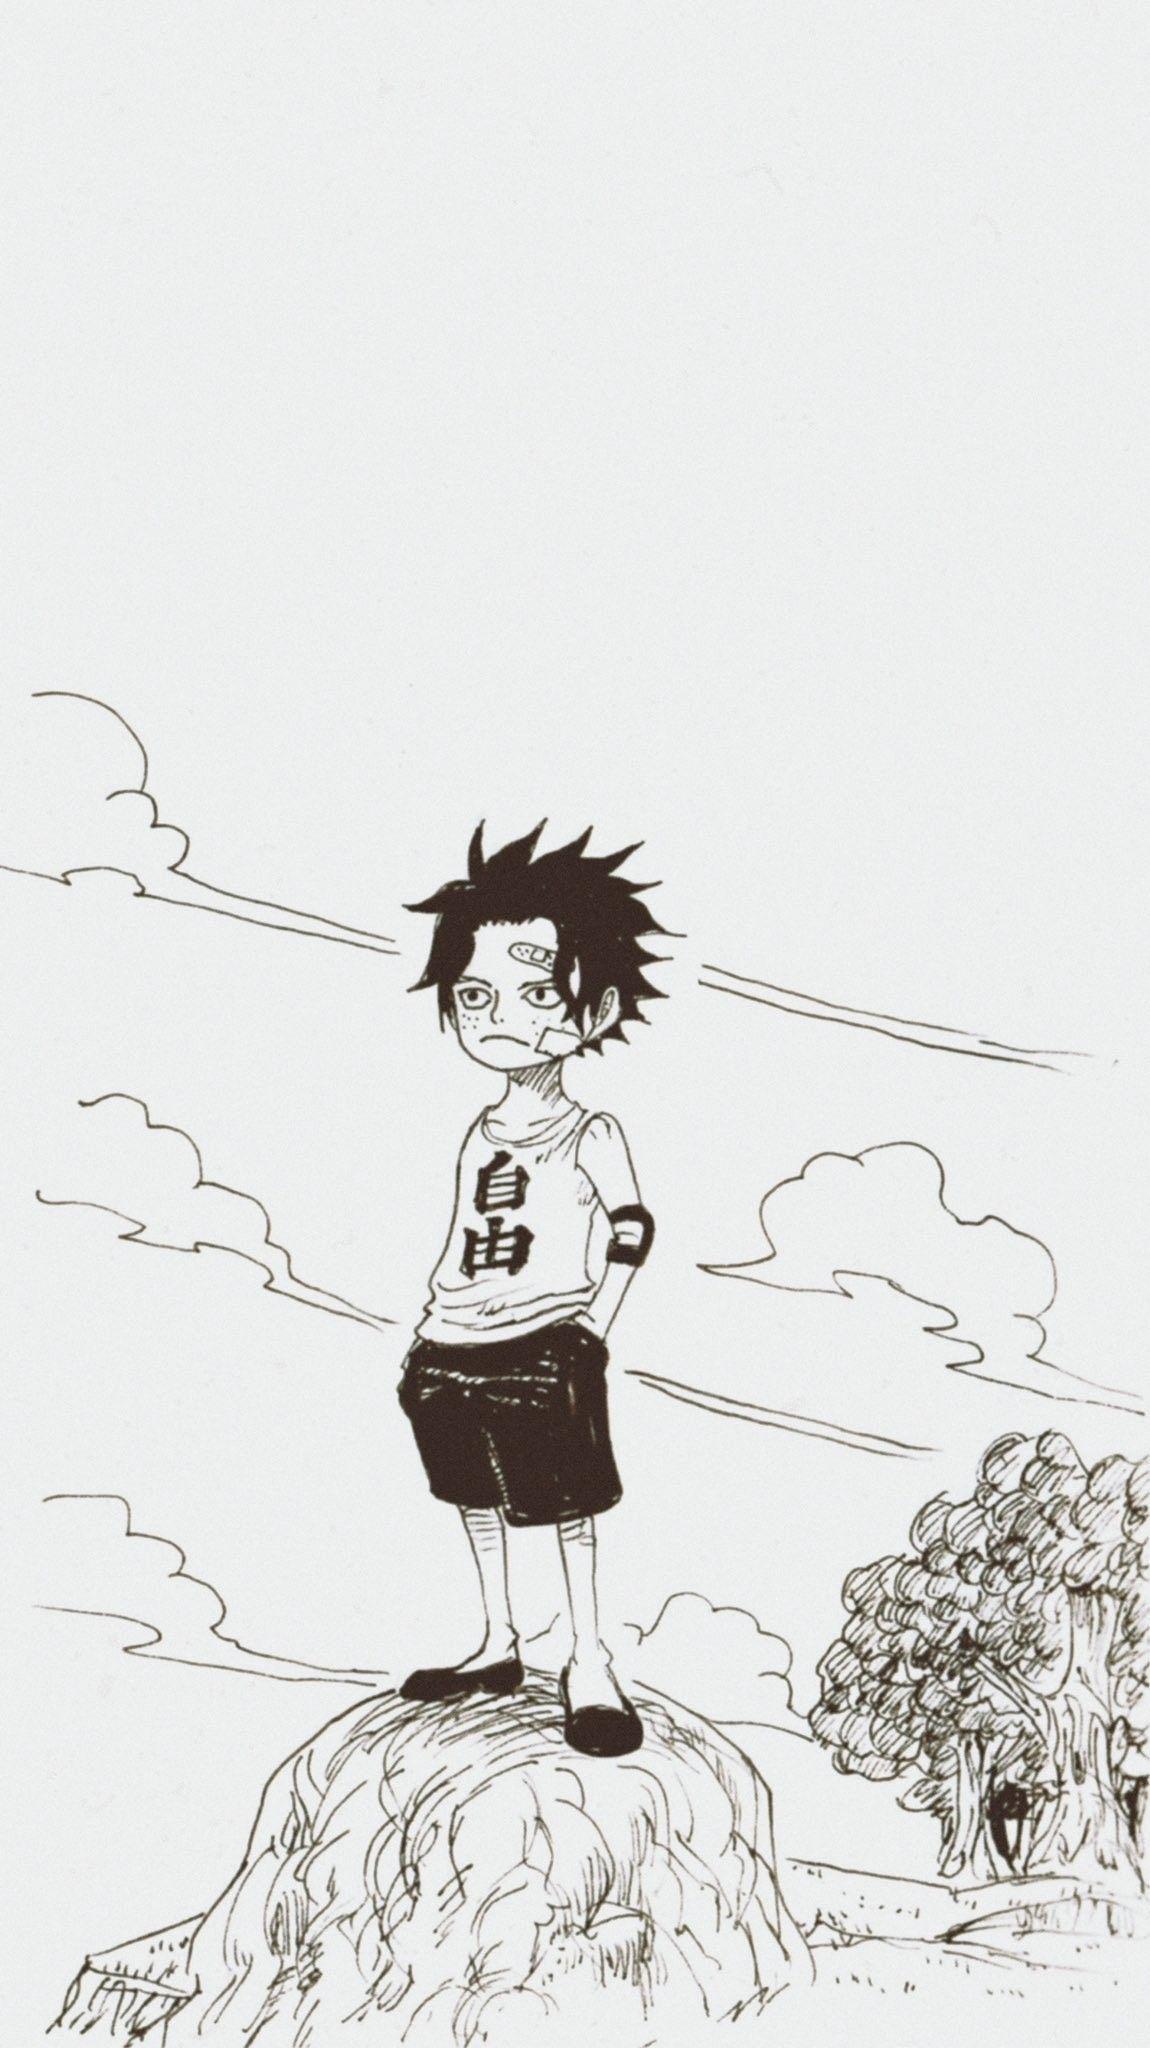 Épinglé par ELTaay sur A One Piece (avec images)